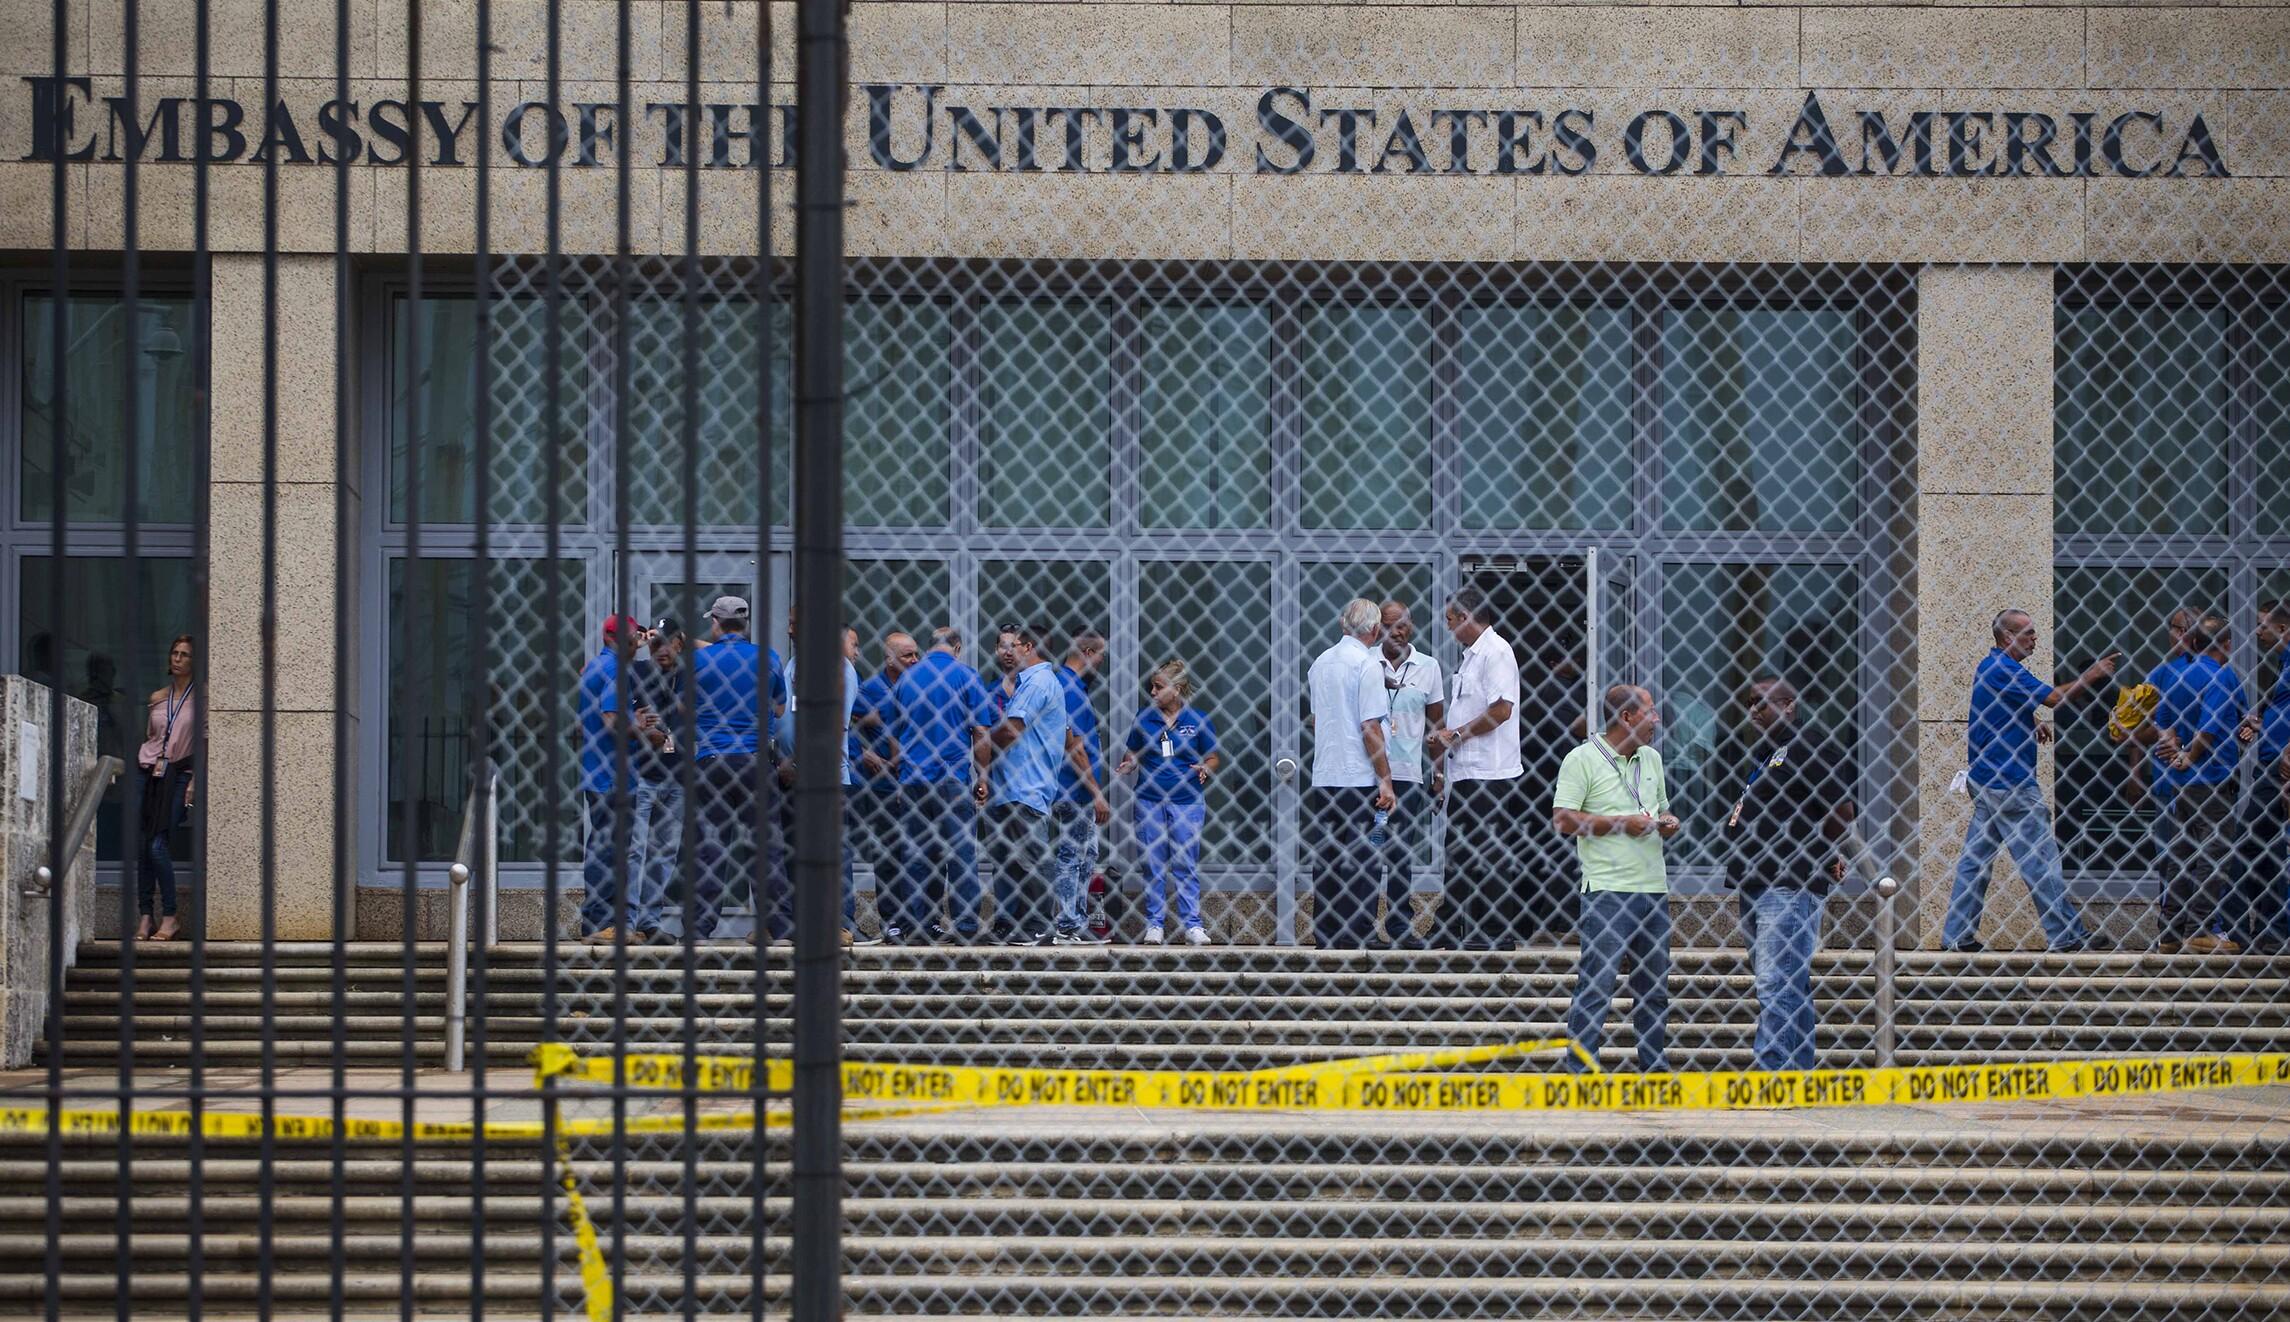 da6d8ccb Bob Corker: 'Rogue' Cuban officials may have attacked Americans